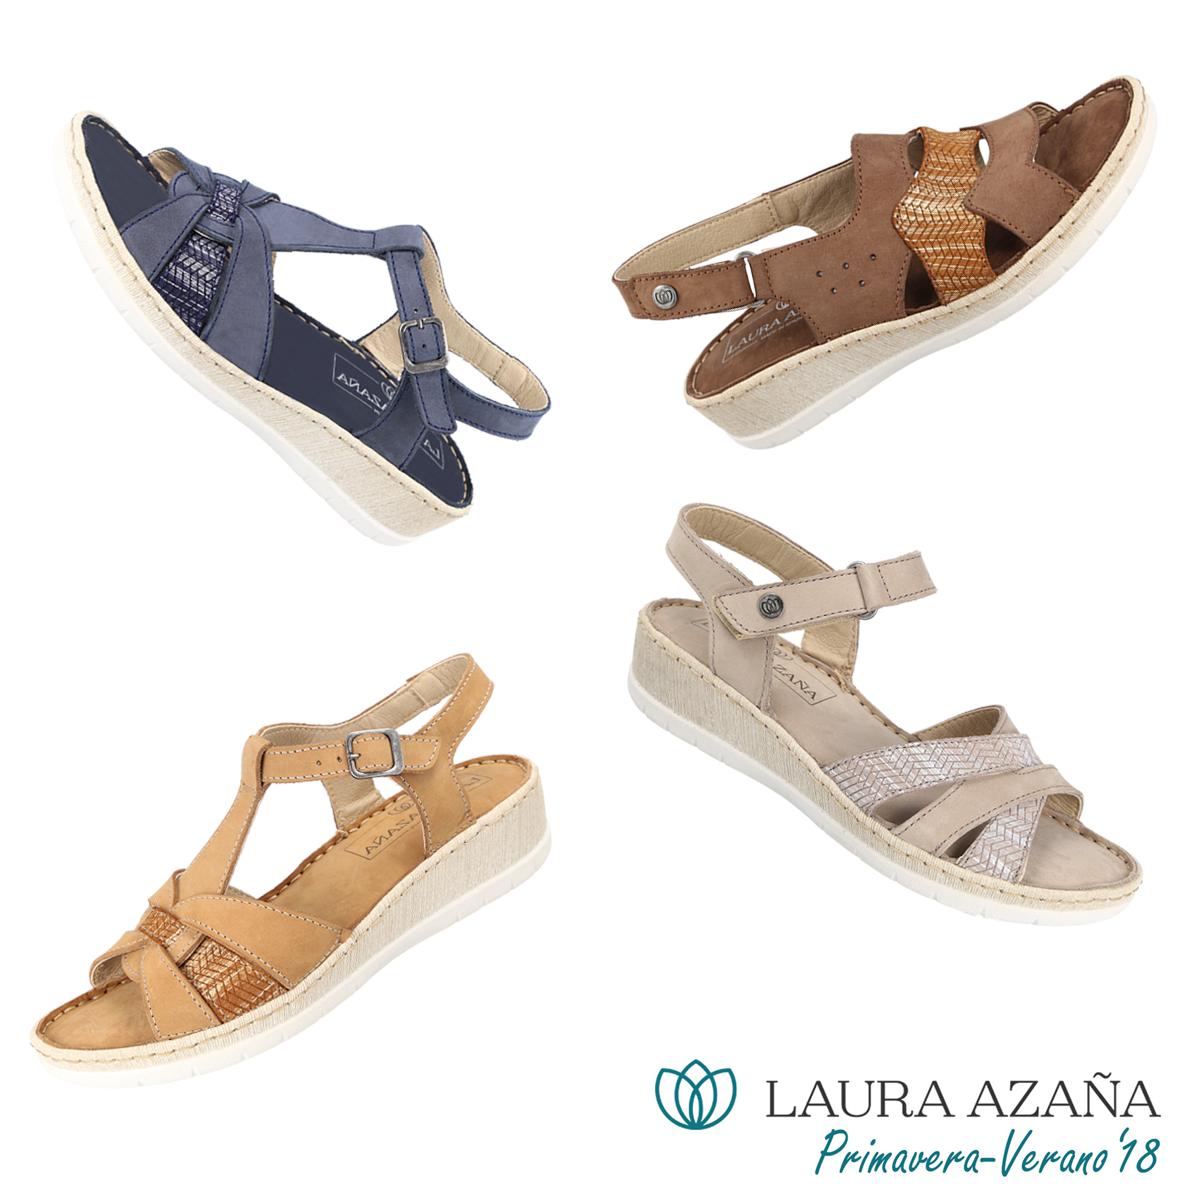 63c206a12af Comodísimas sandalias de piel para mujer. ¡Descubre la colección  primavera-verano 2018 de Laura Azaña!